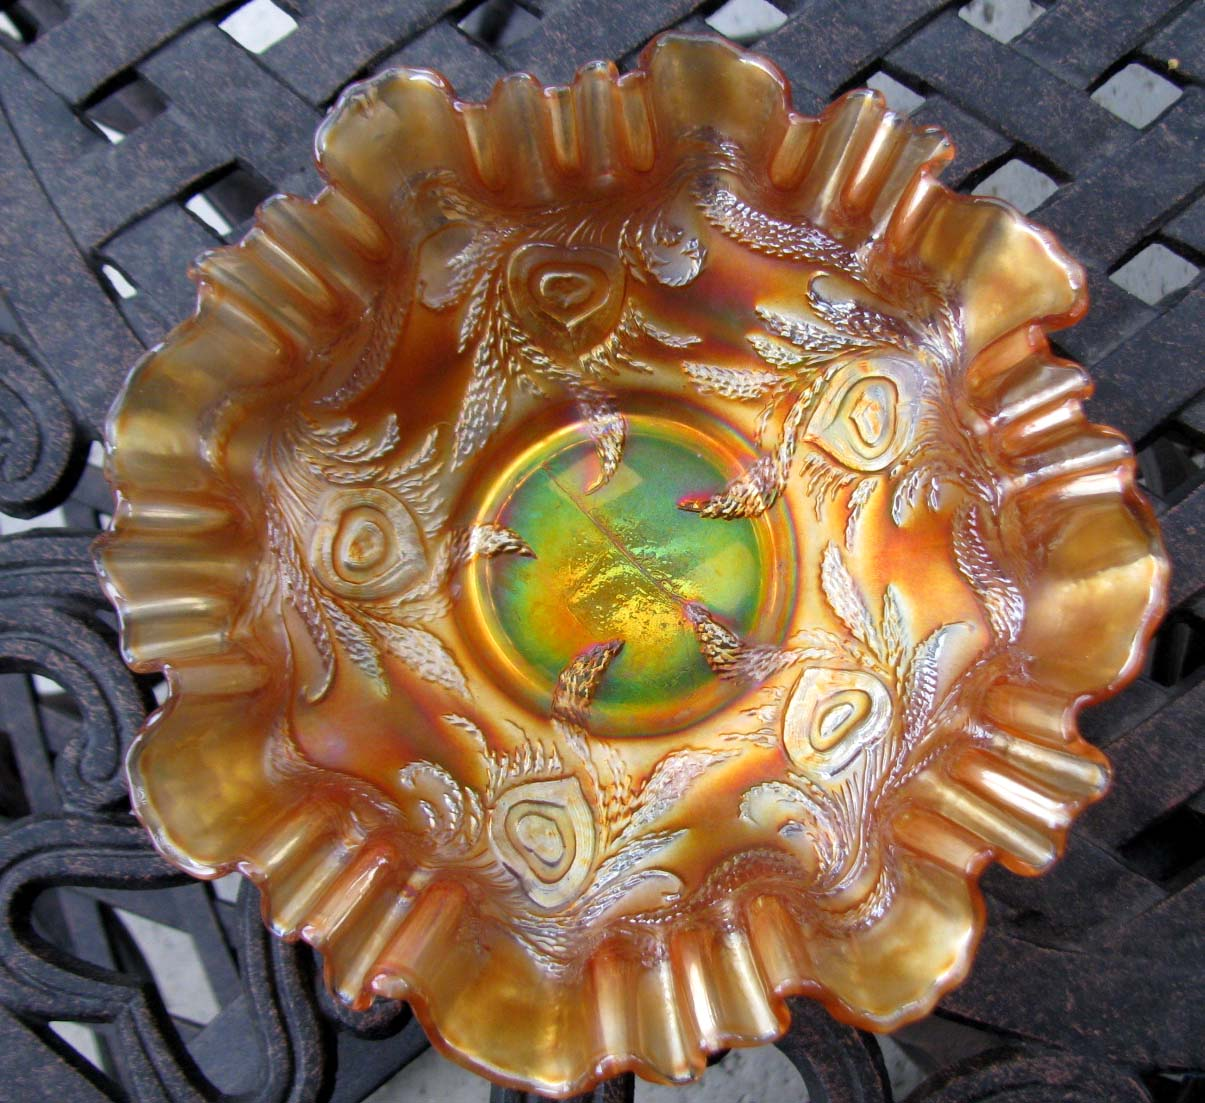 Fenton Heart and Vine Marigold 3 in 1 Edge Carnival Glass Bowl Circa